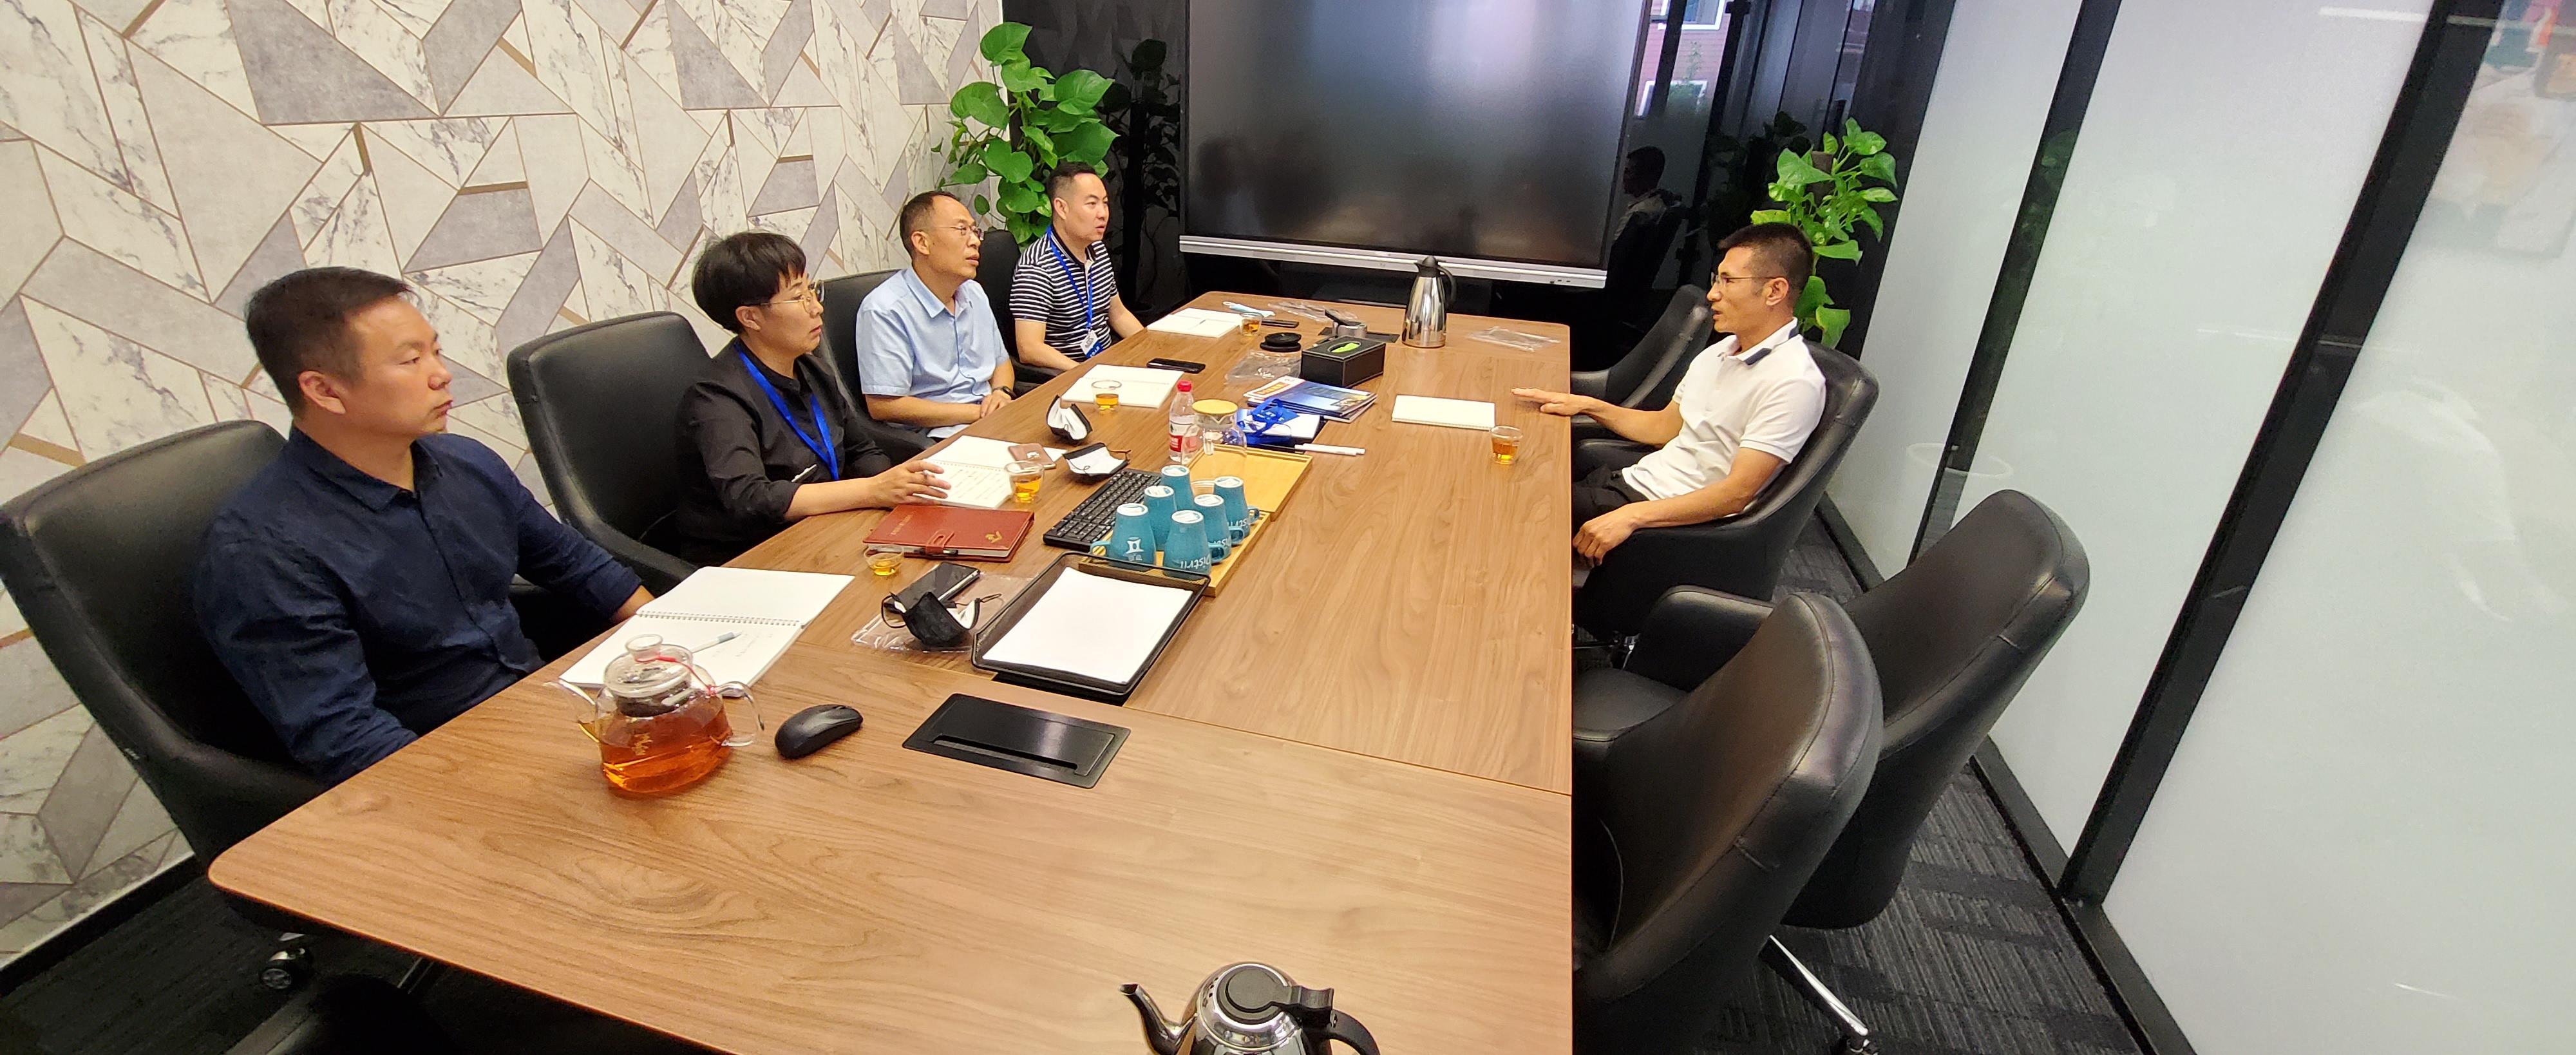 协会应沧州民营经济研究会会长吕玉峰的邀请前往雄安新区交流学习